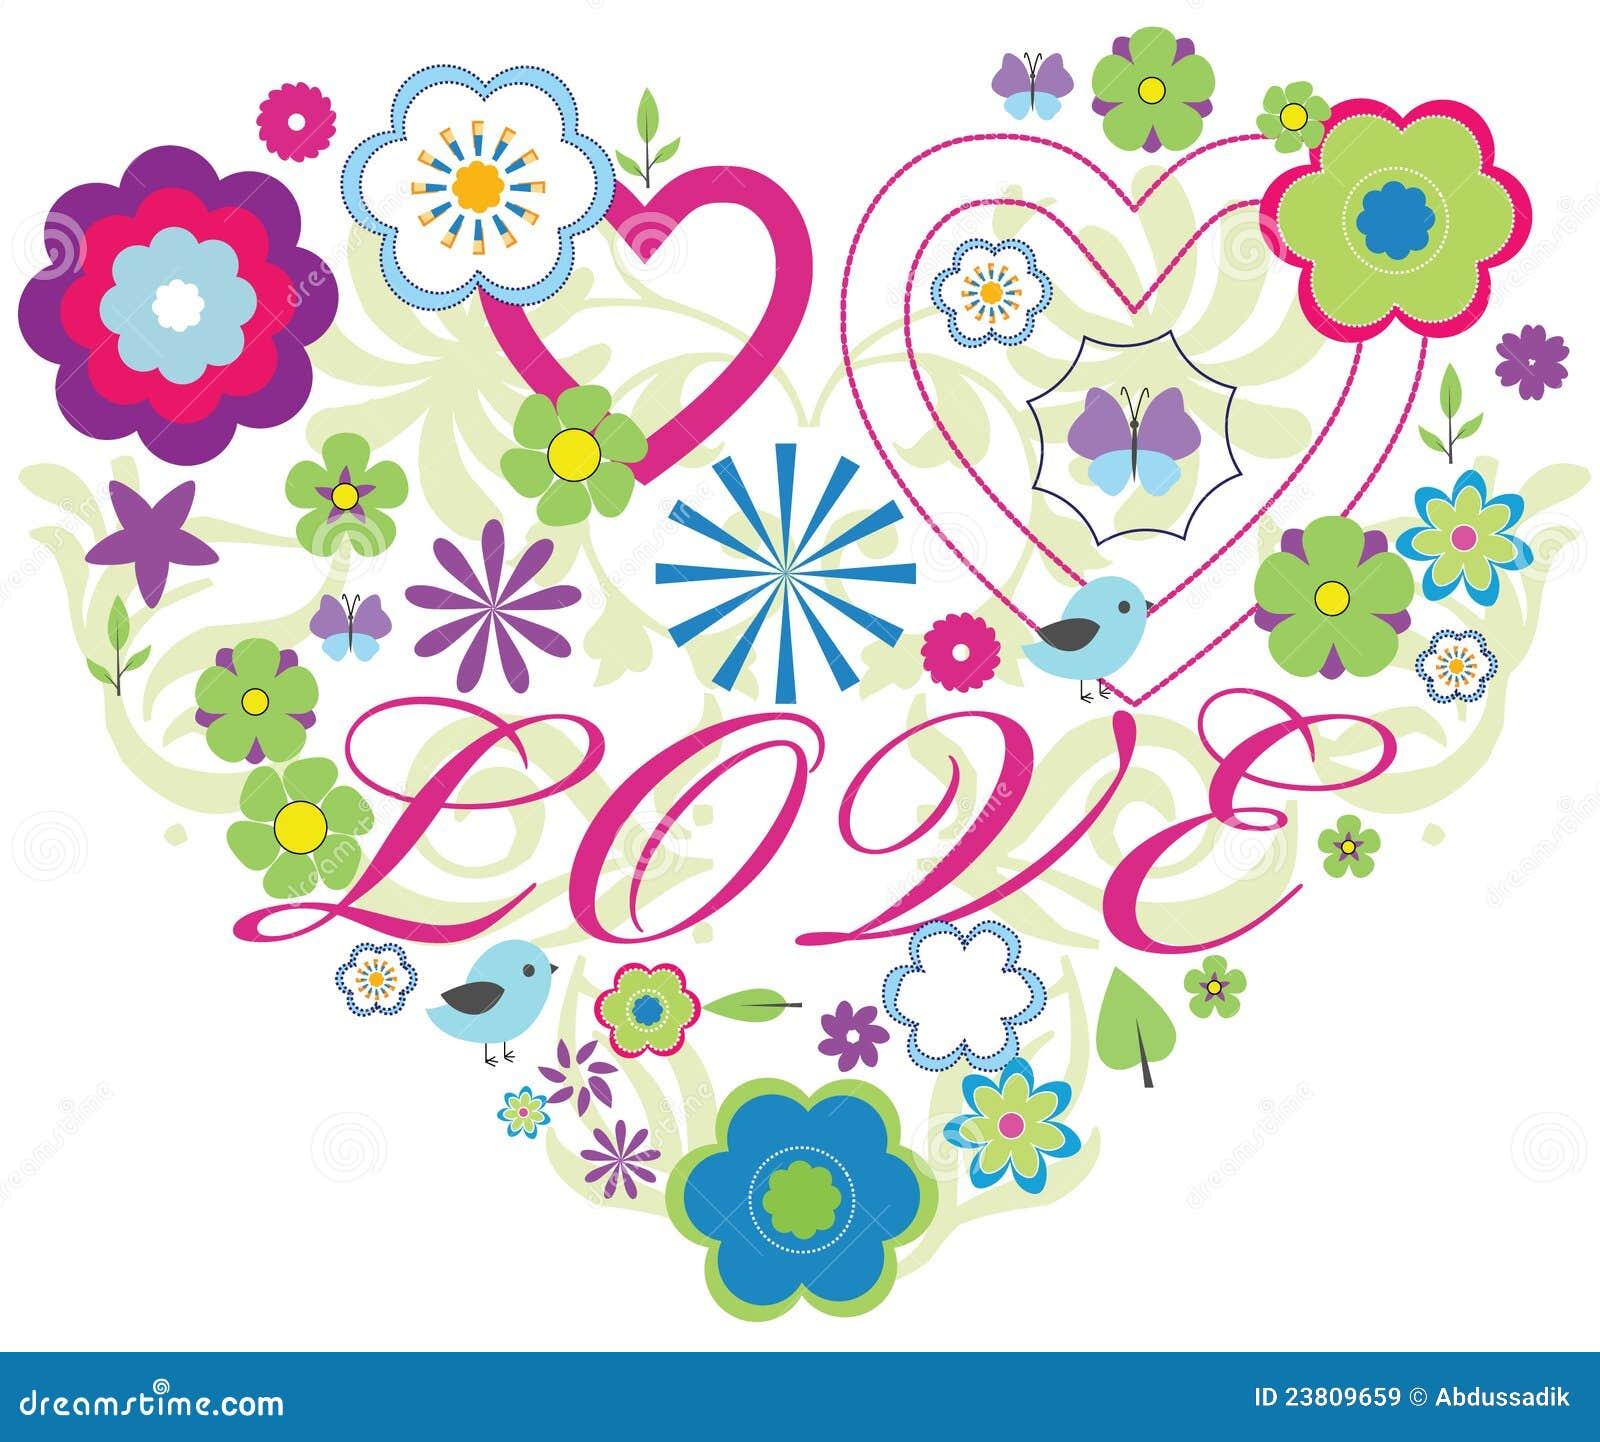 Dessin mod le d 39 amour images libres de droits image 23809659 - Image dessin amour ...